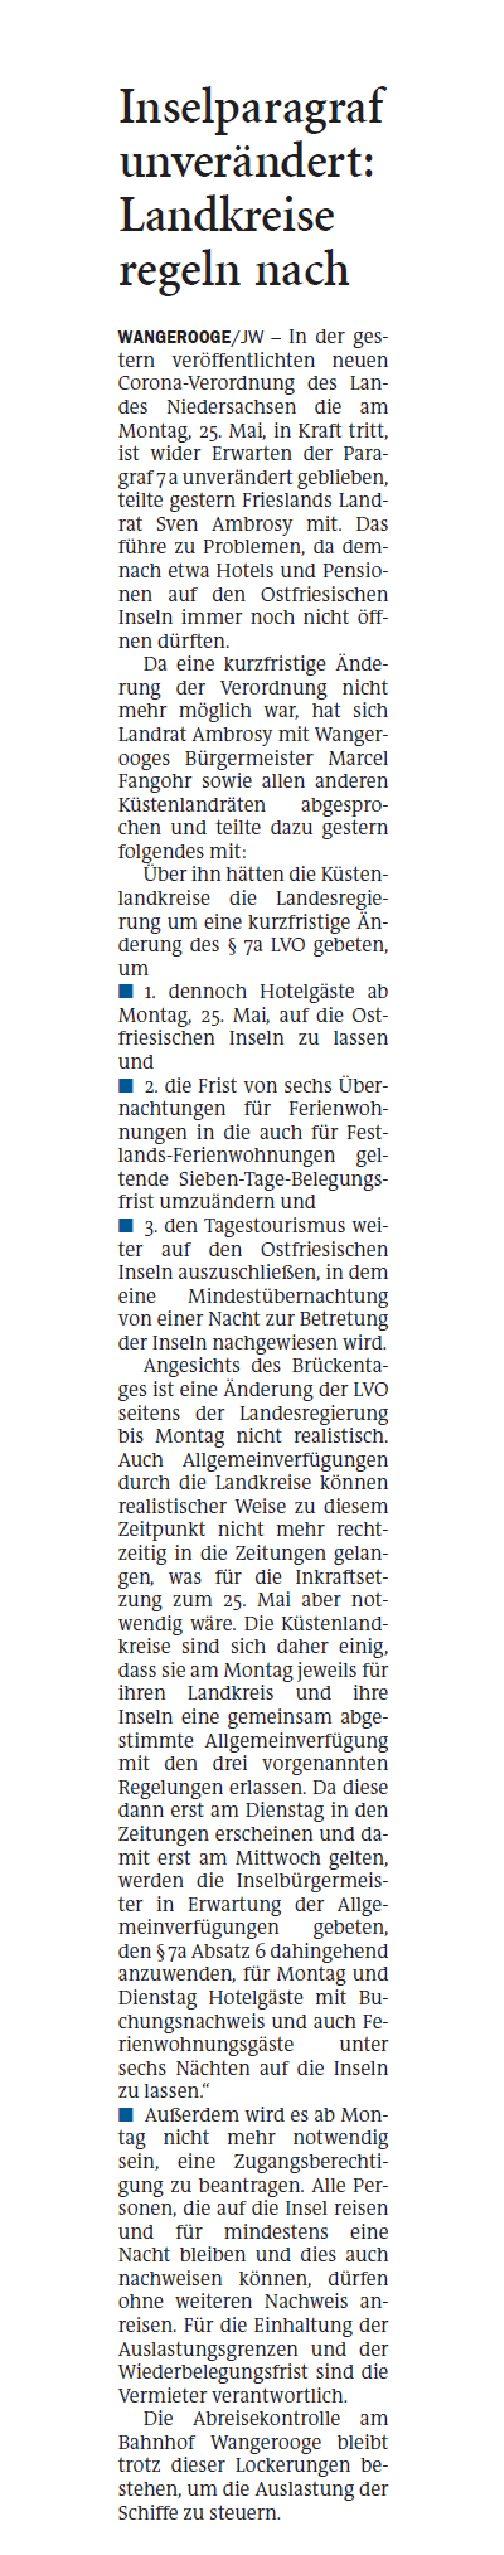 Jeversches Wochenblatt 23.05.2020 II